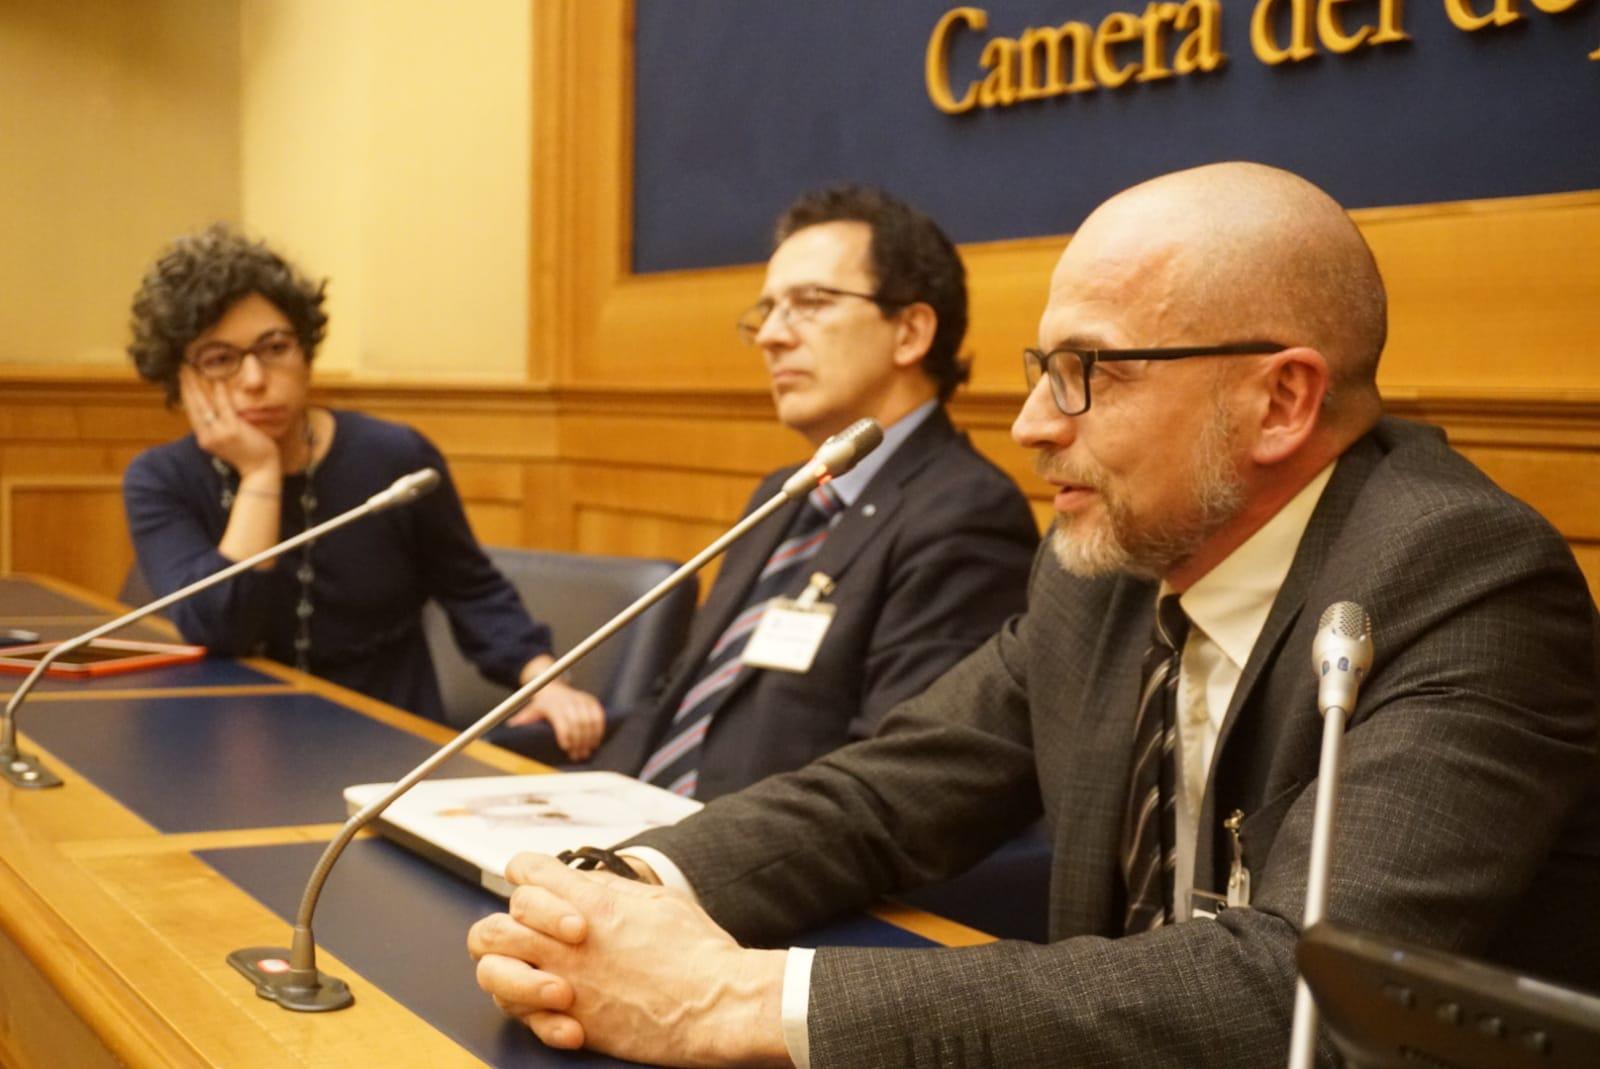 Caso Rocchelli/Mironov/Markiv. Presentato il progetto d'inchiesta indipendente per fare luce sulla vicenda